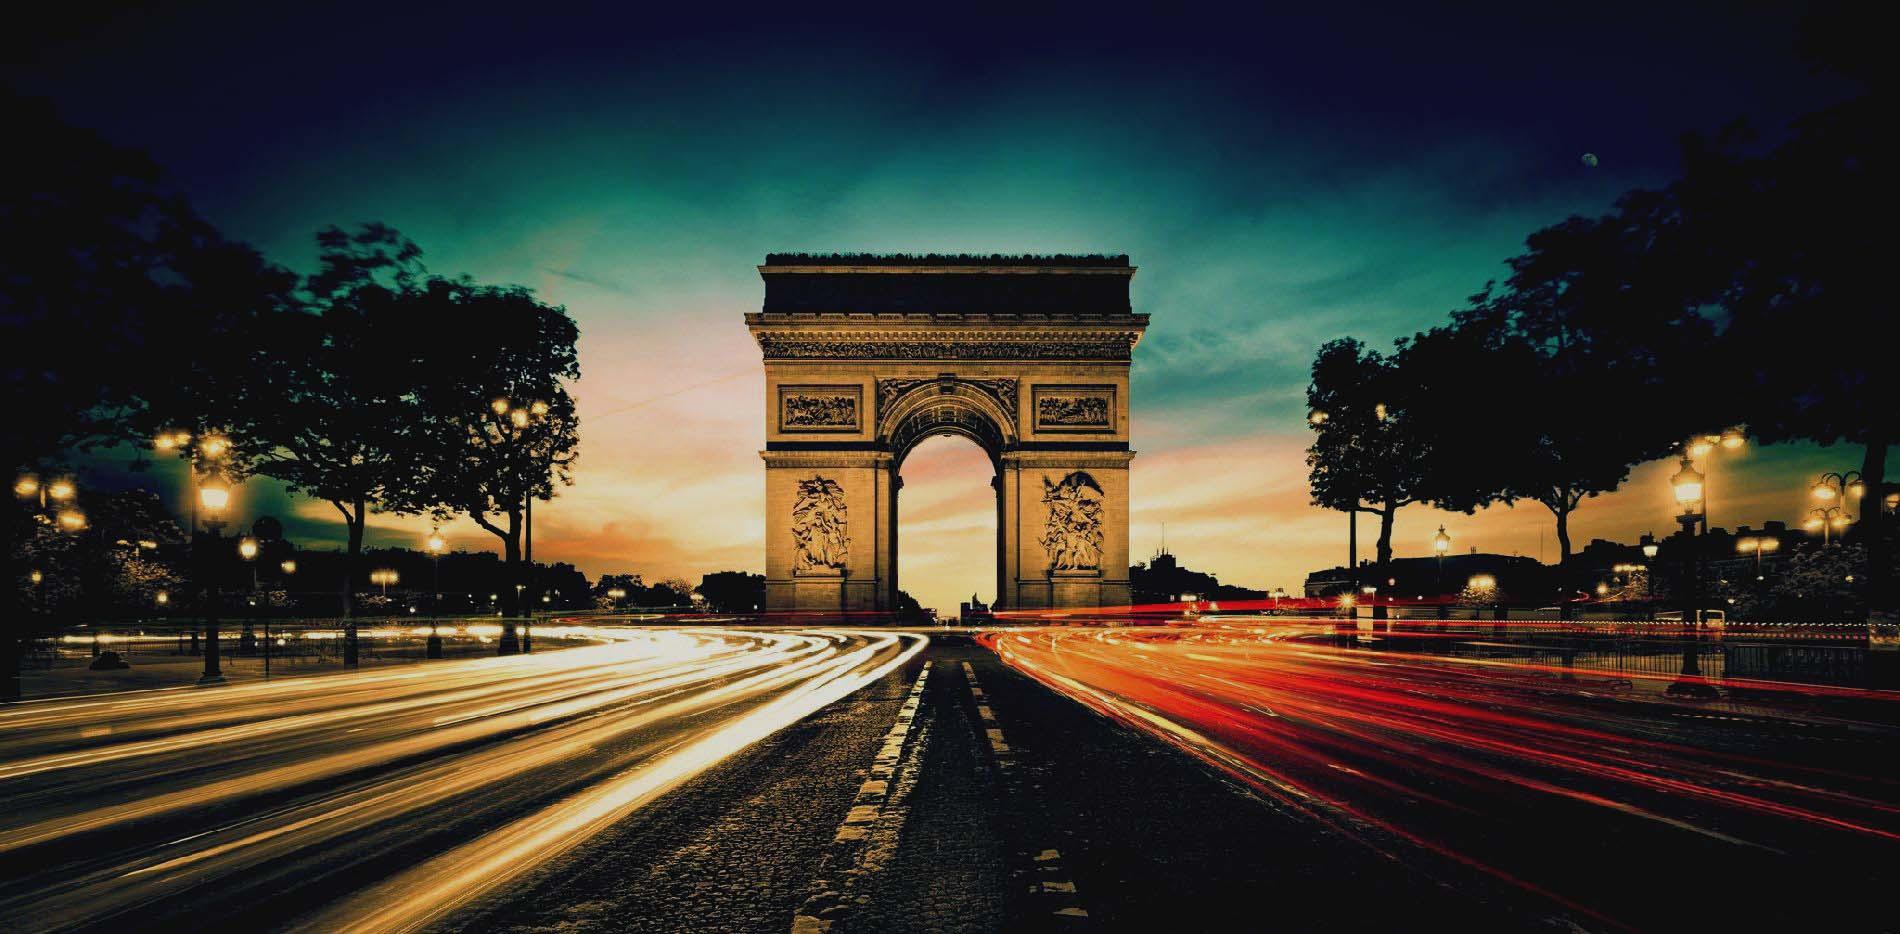 زیباترین میدان های پاریس ؛ از شانزلیزه تا باغهای لوکزامبورگ